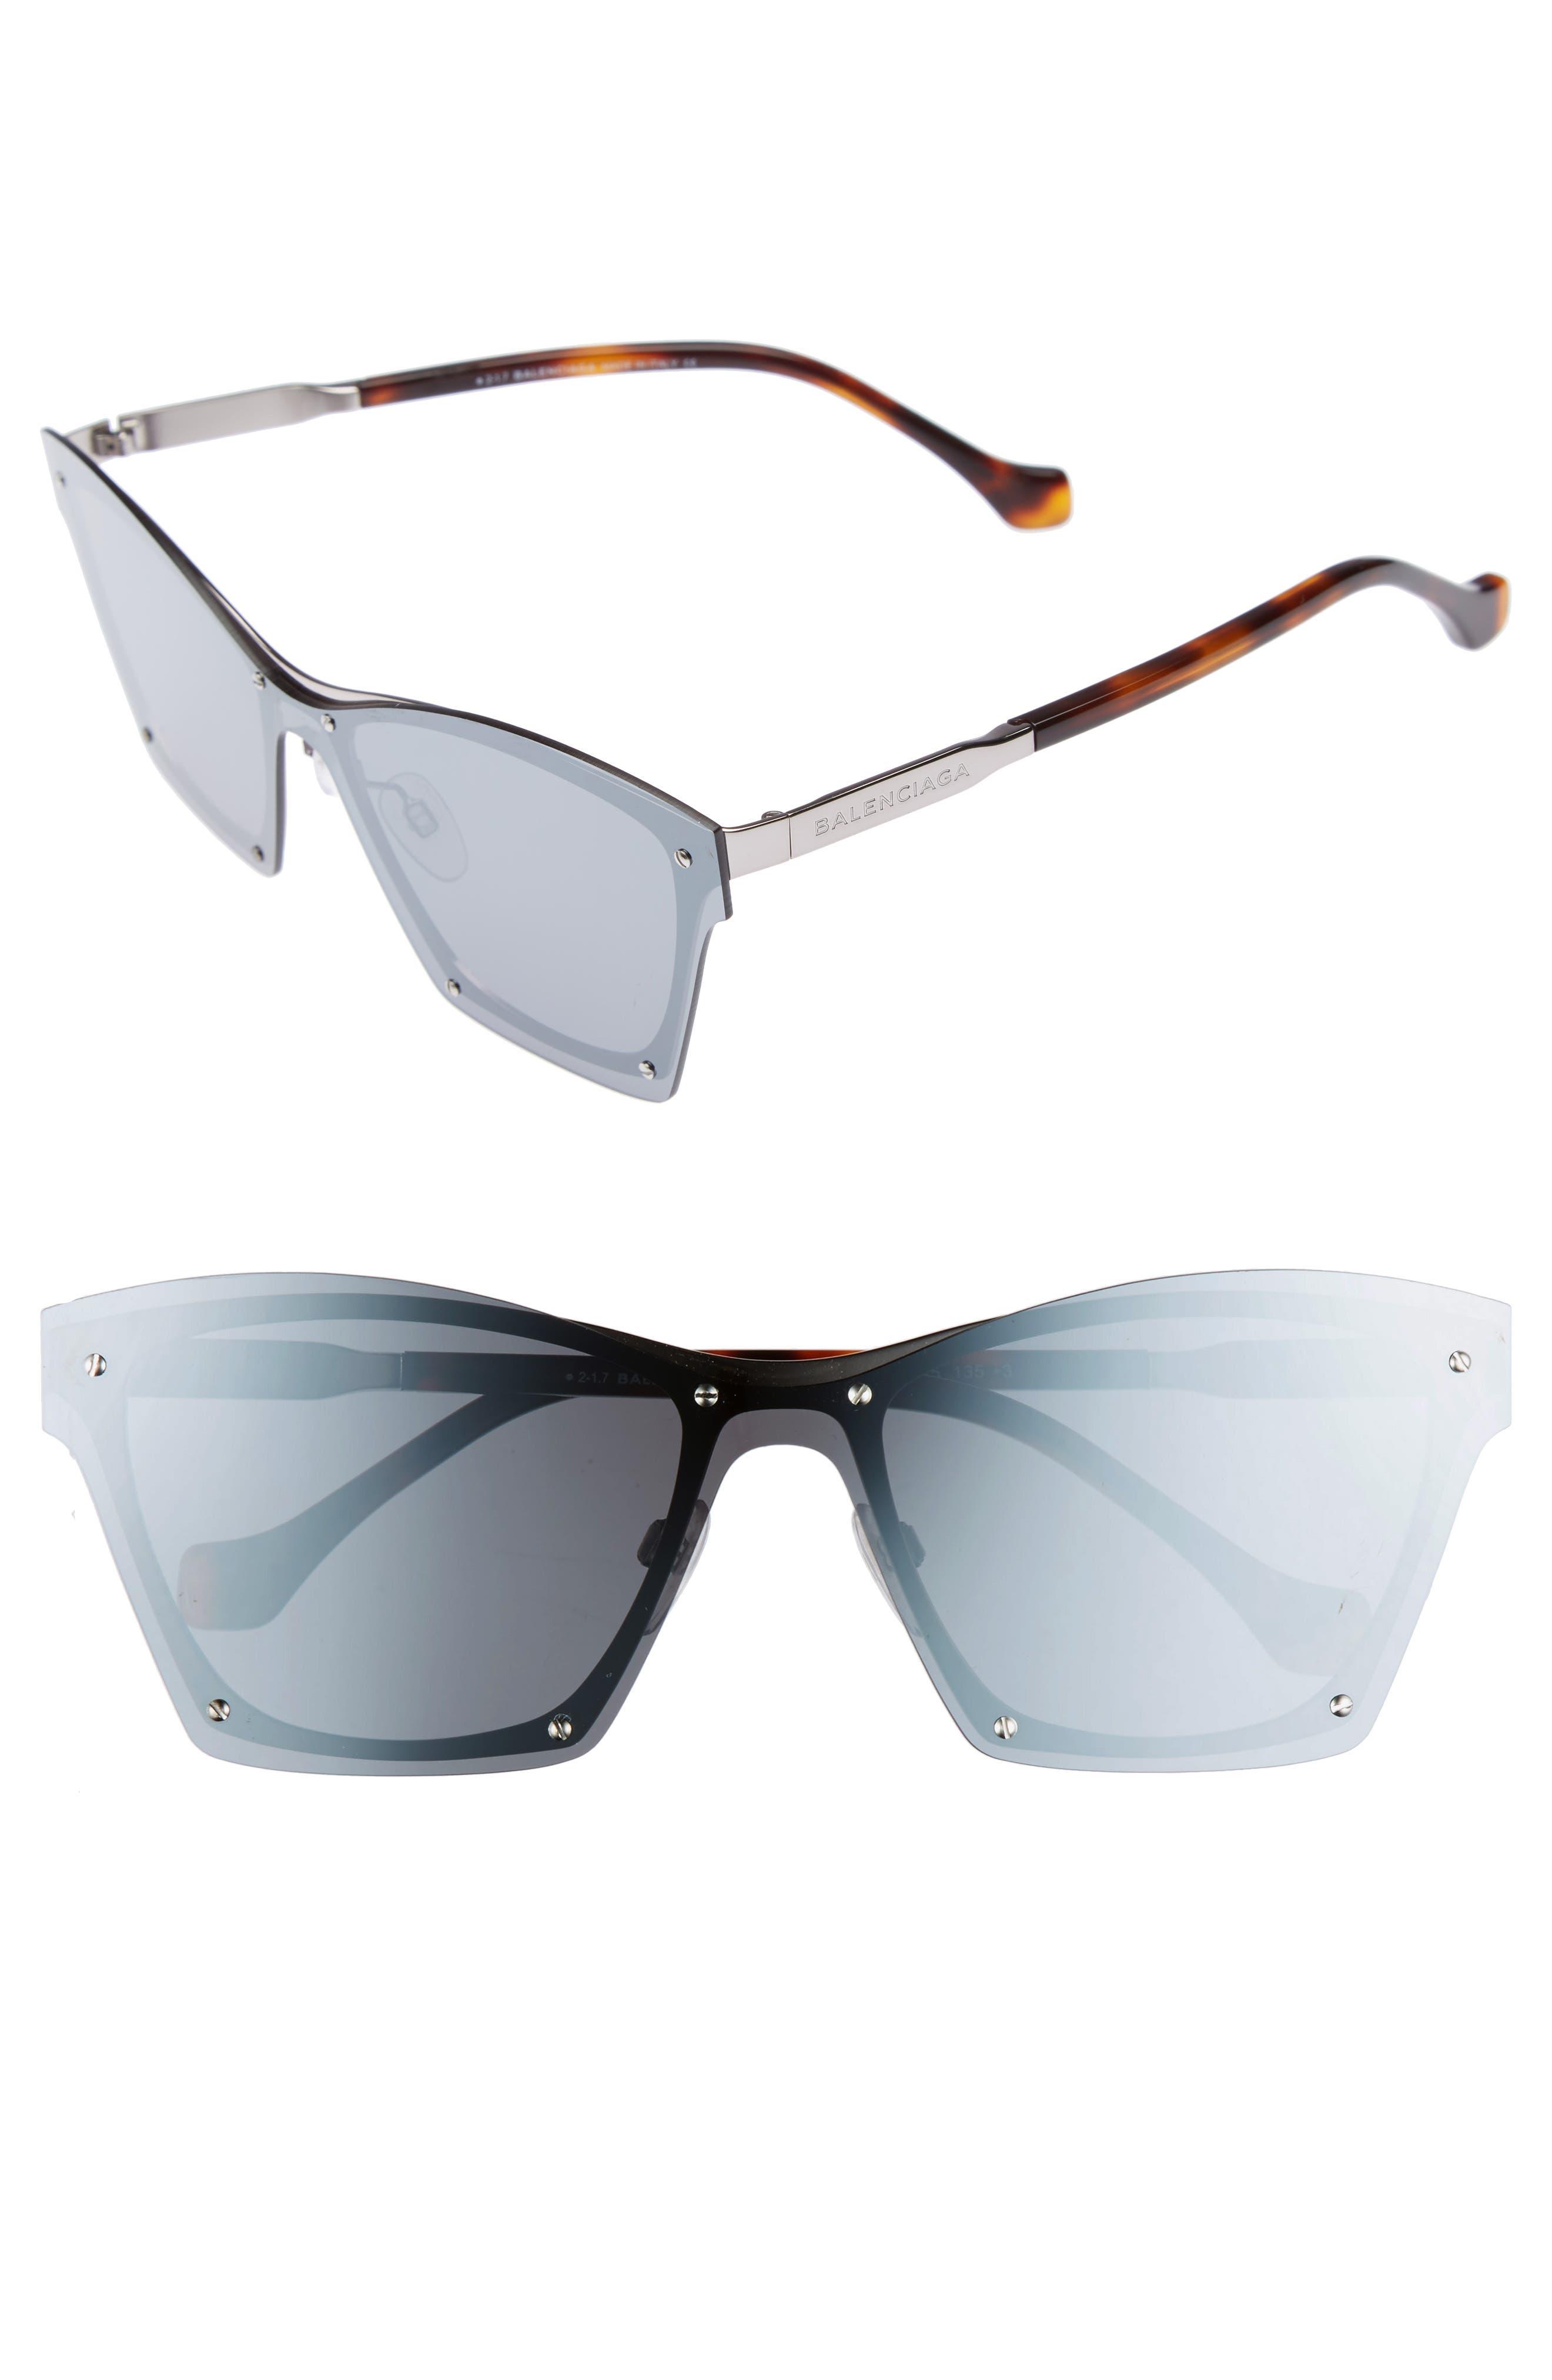 55mm Frameless Sunglasses,                         Main,                         color, 040